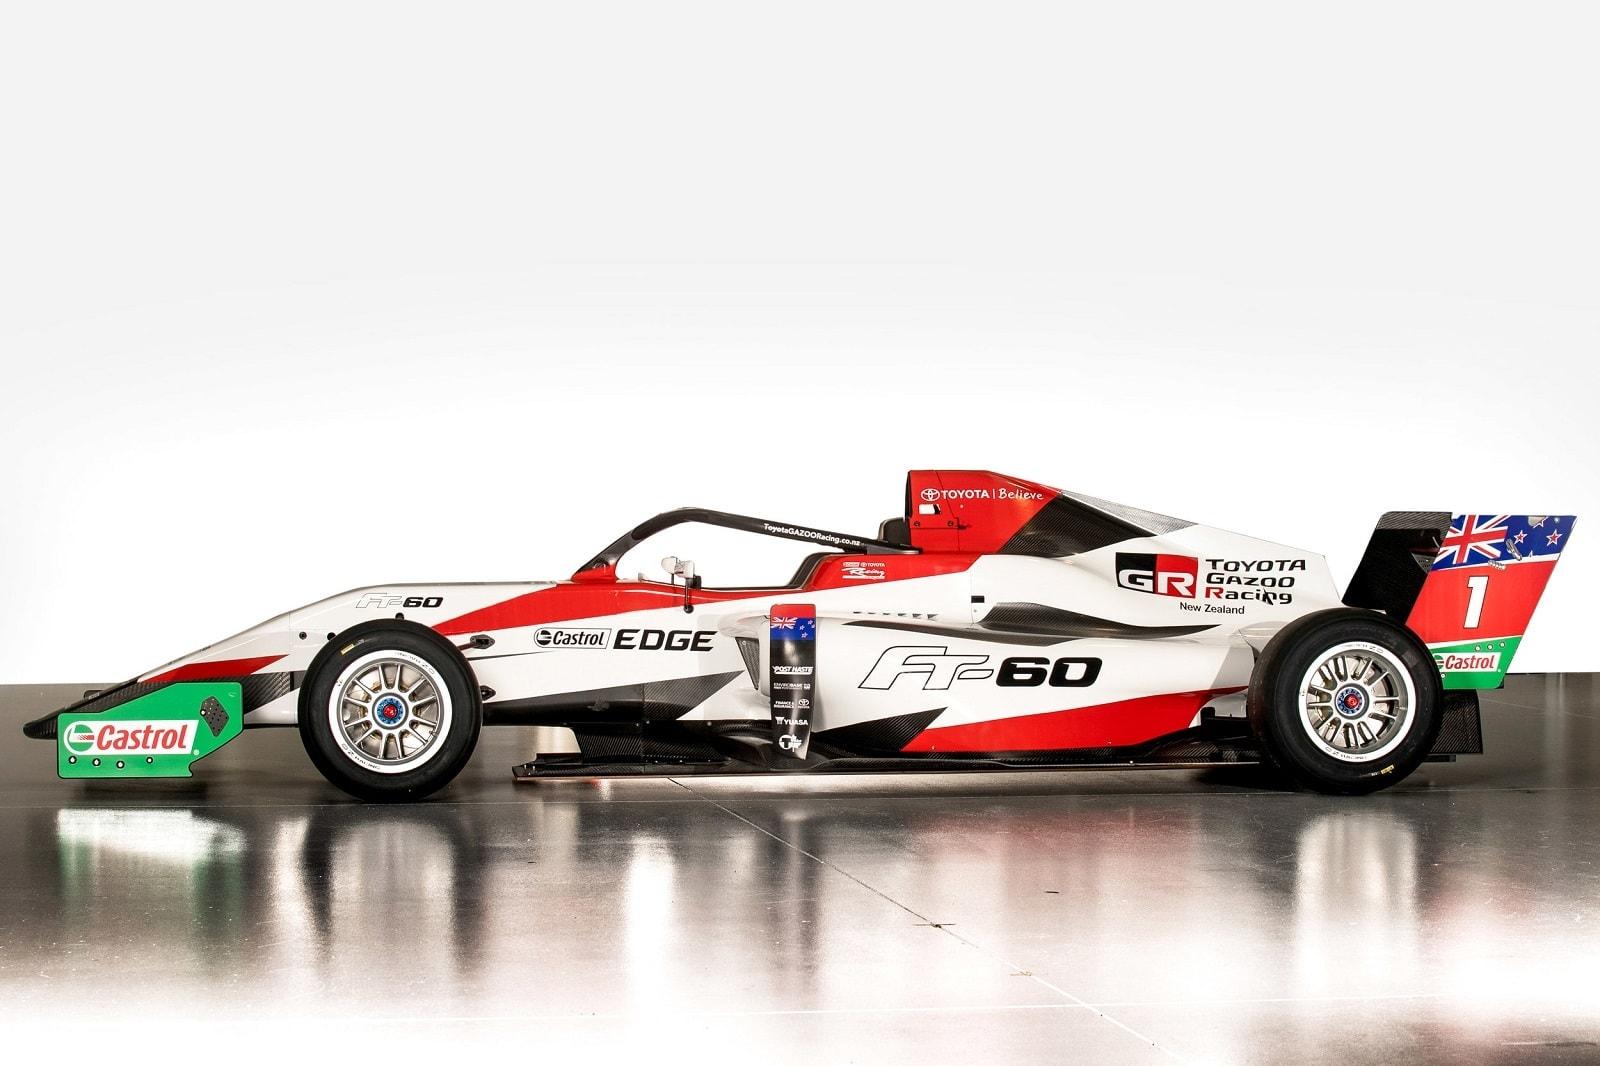 Die Scheurer Swiss GmbH wird mit der Herstellung von karbonverstärkten 3D-Druck-Komponenten für die neueste Generation der Rennsport-Serie «Castrol Toyota Racing Series» beauftragt.